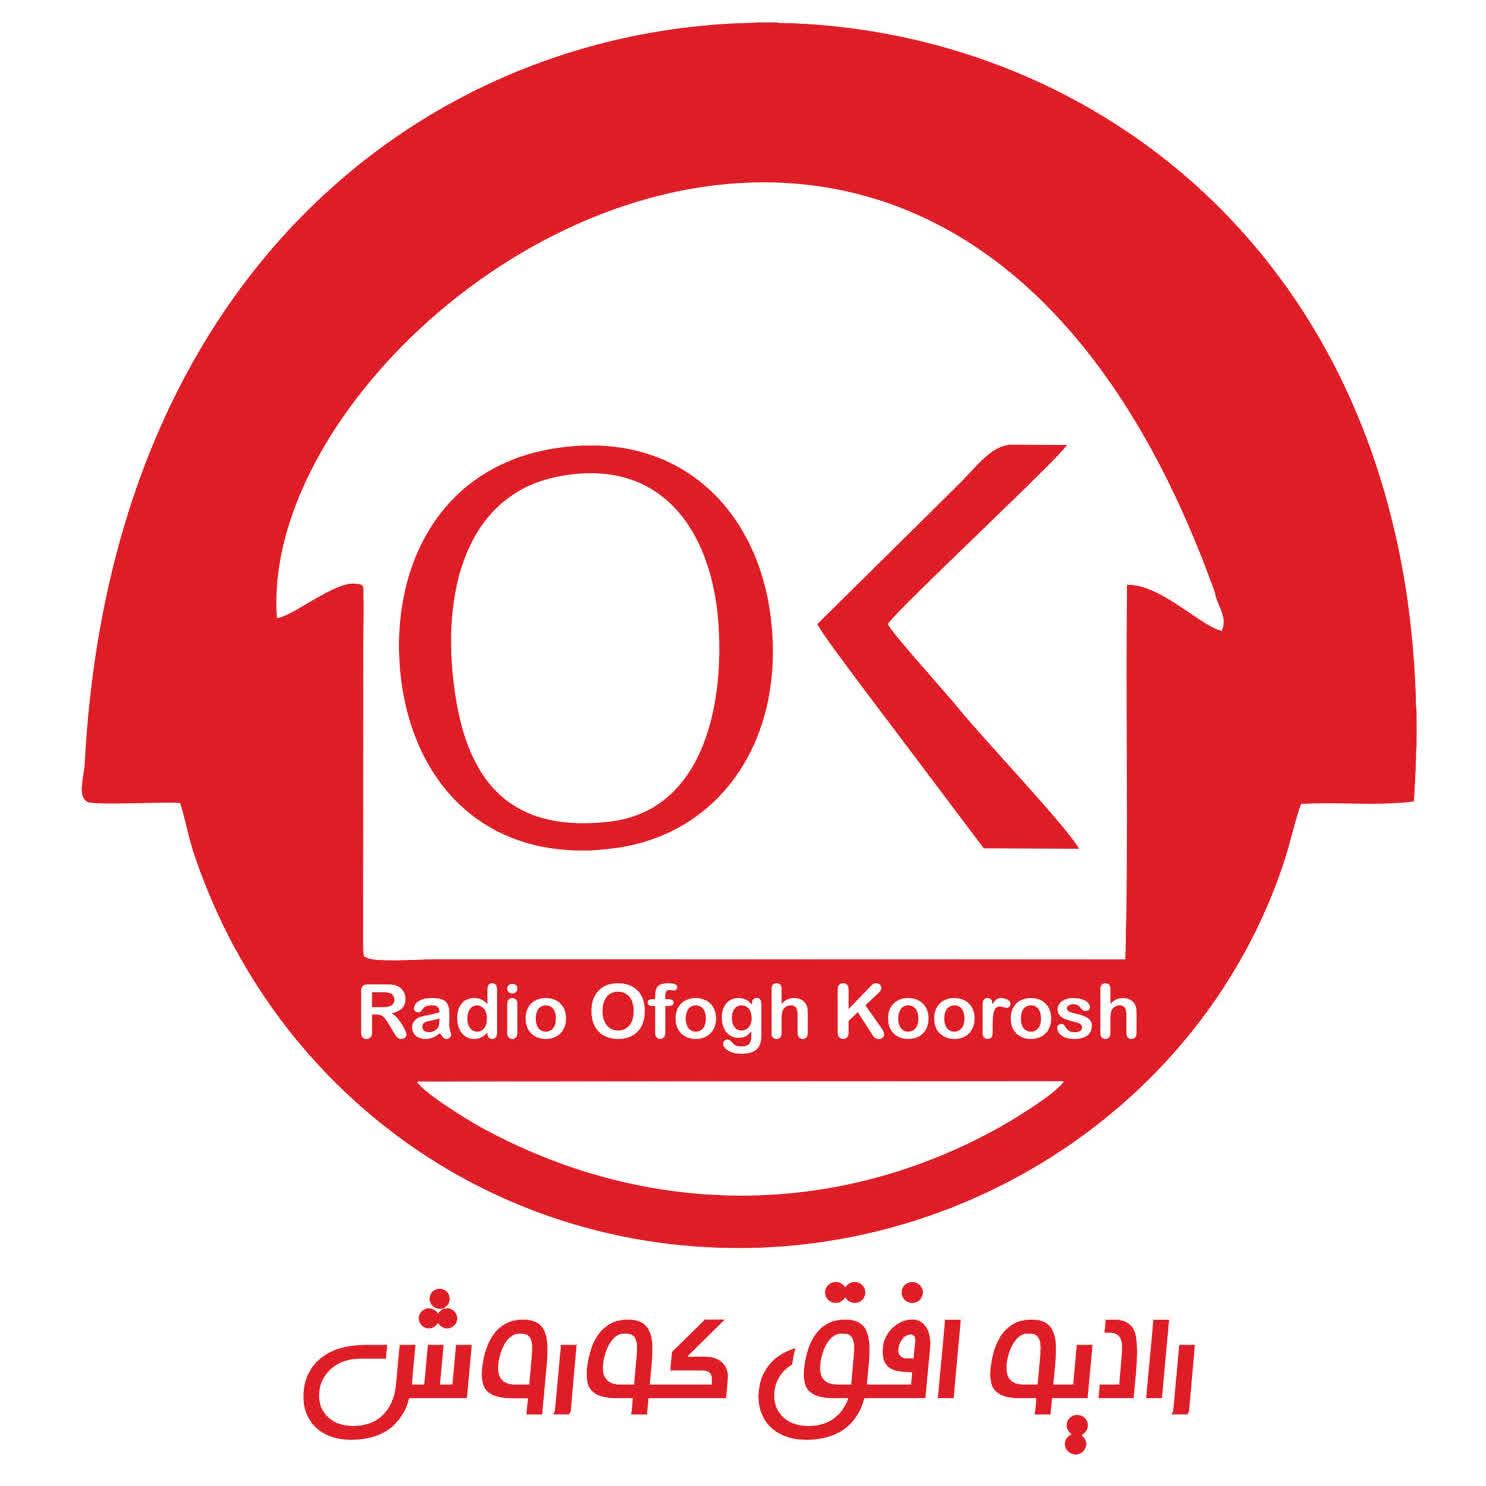 okcsRadio | رادیو افق کوروش